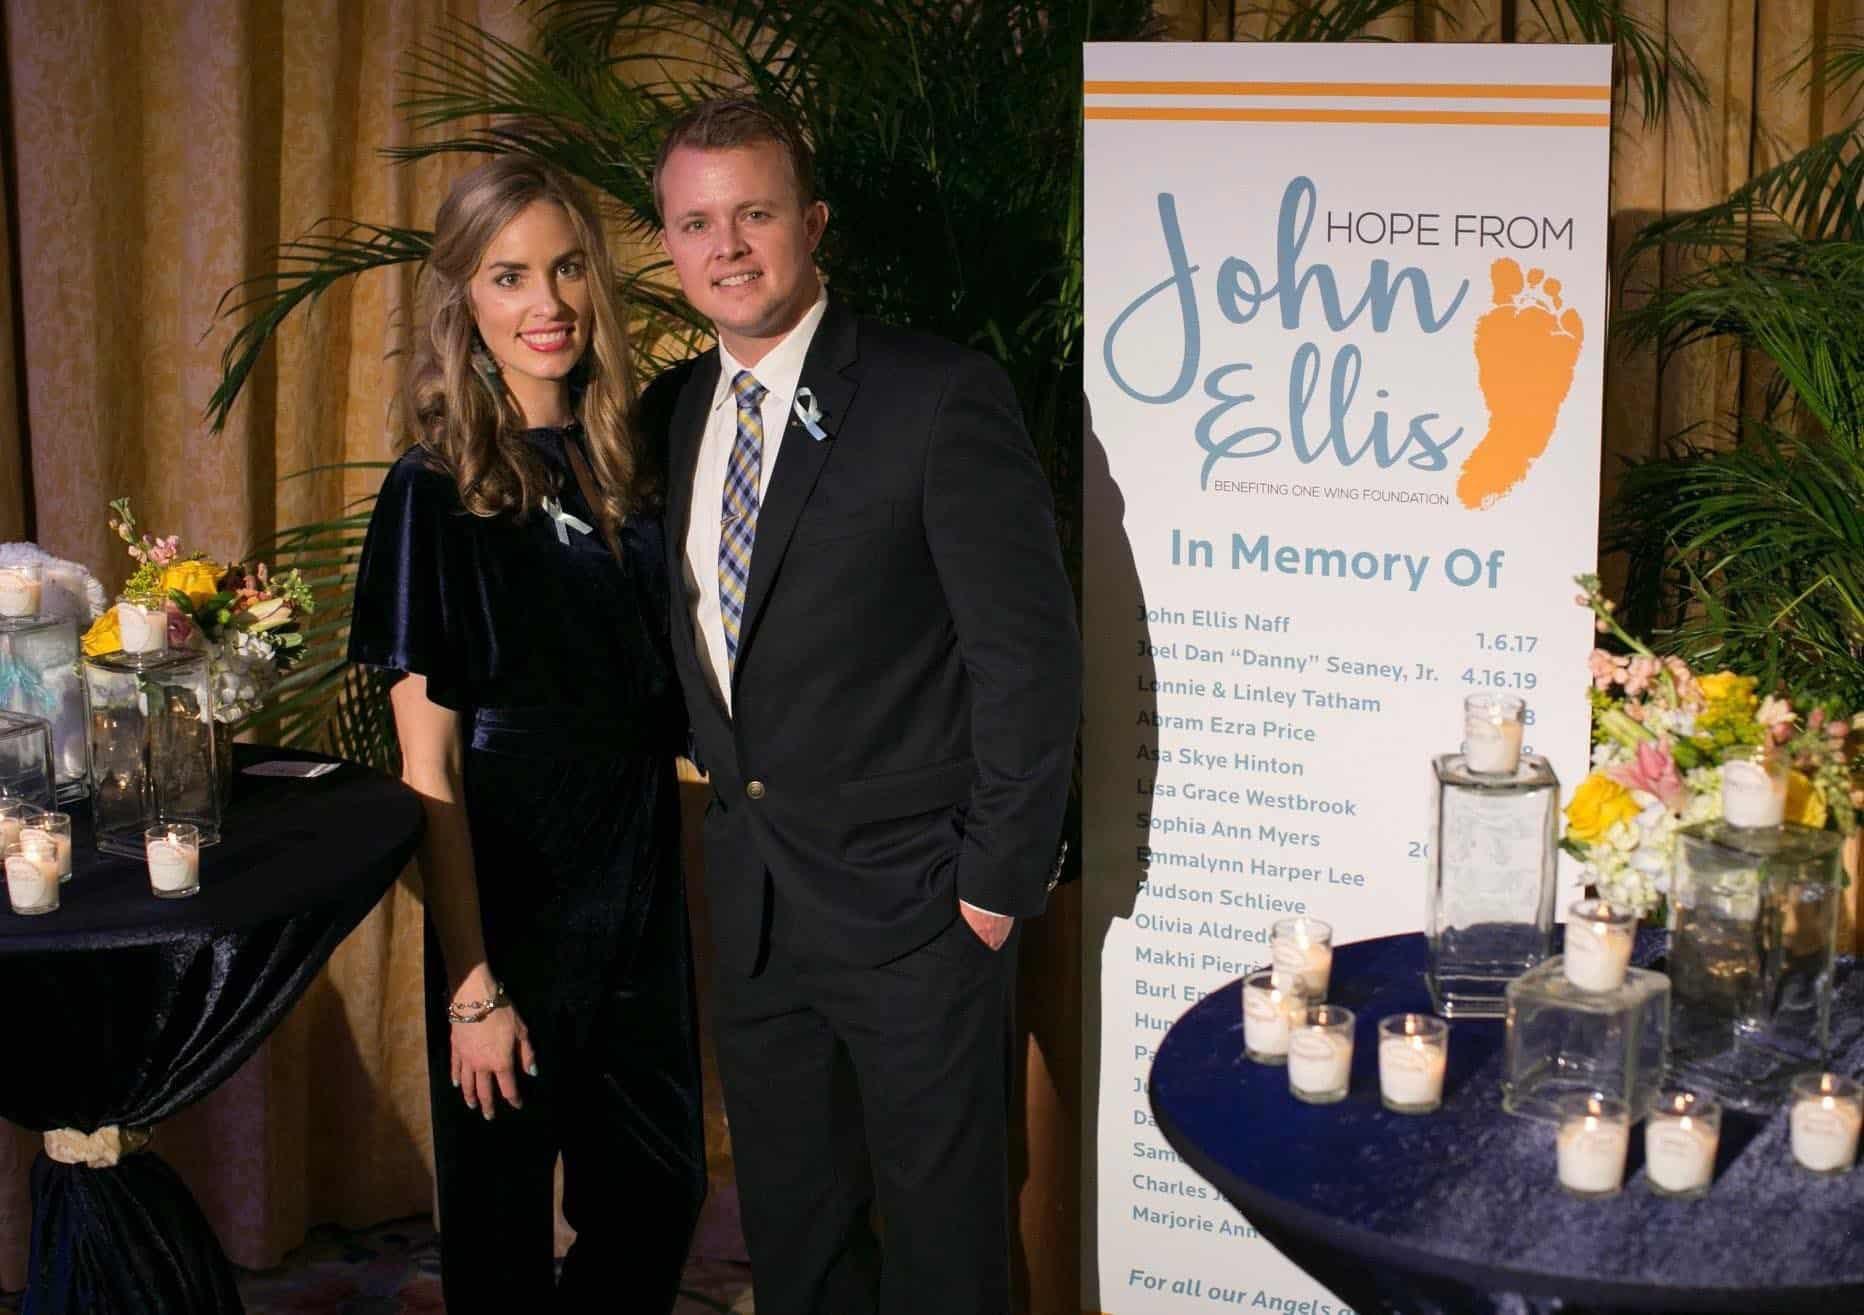 Couple at John Ellis benefit